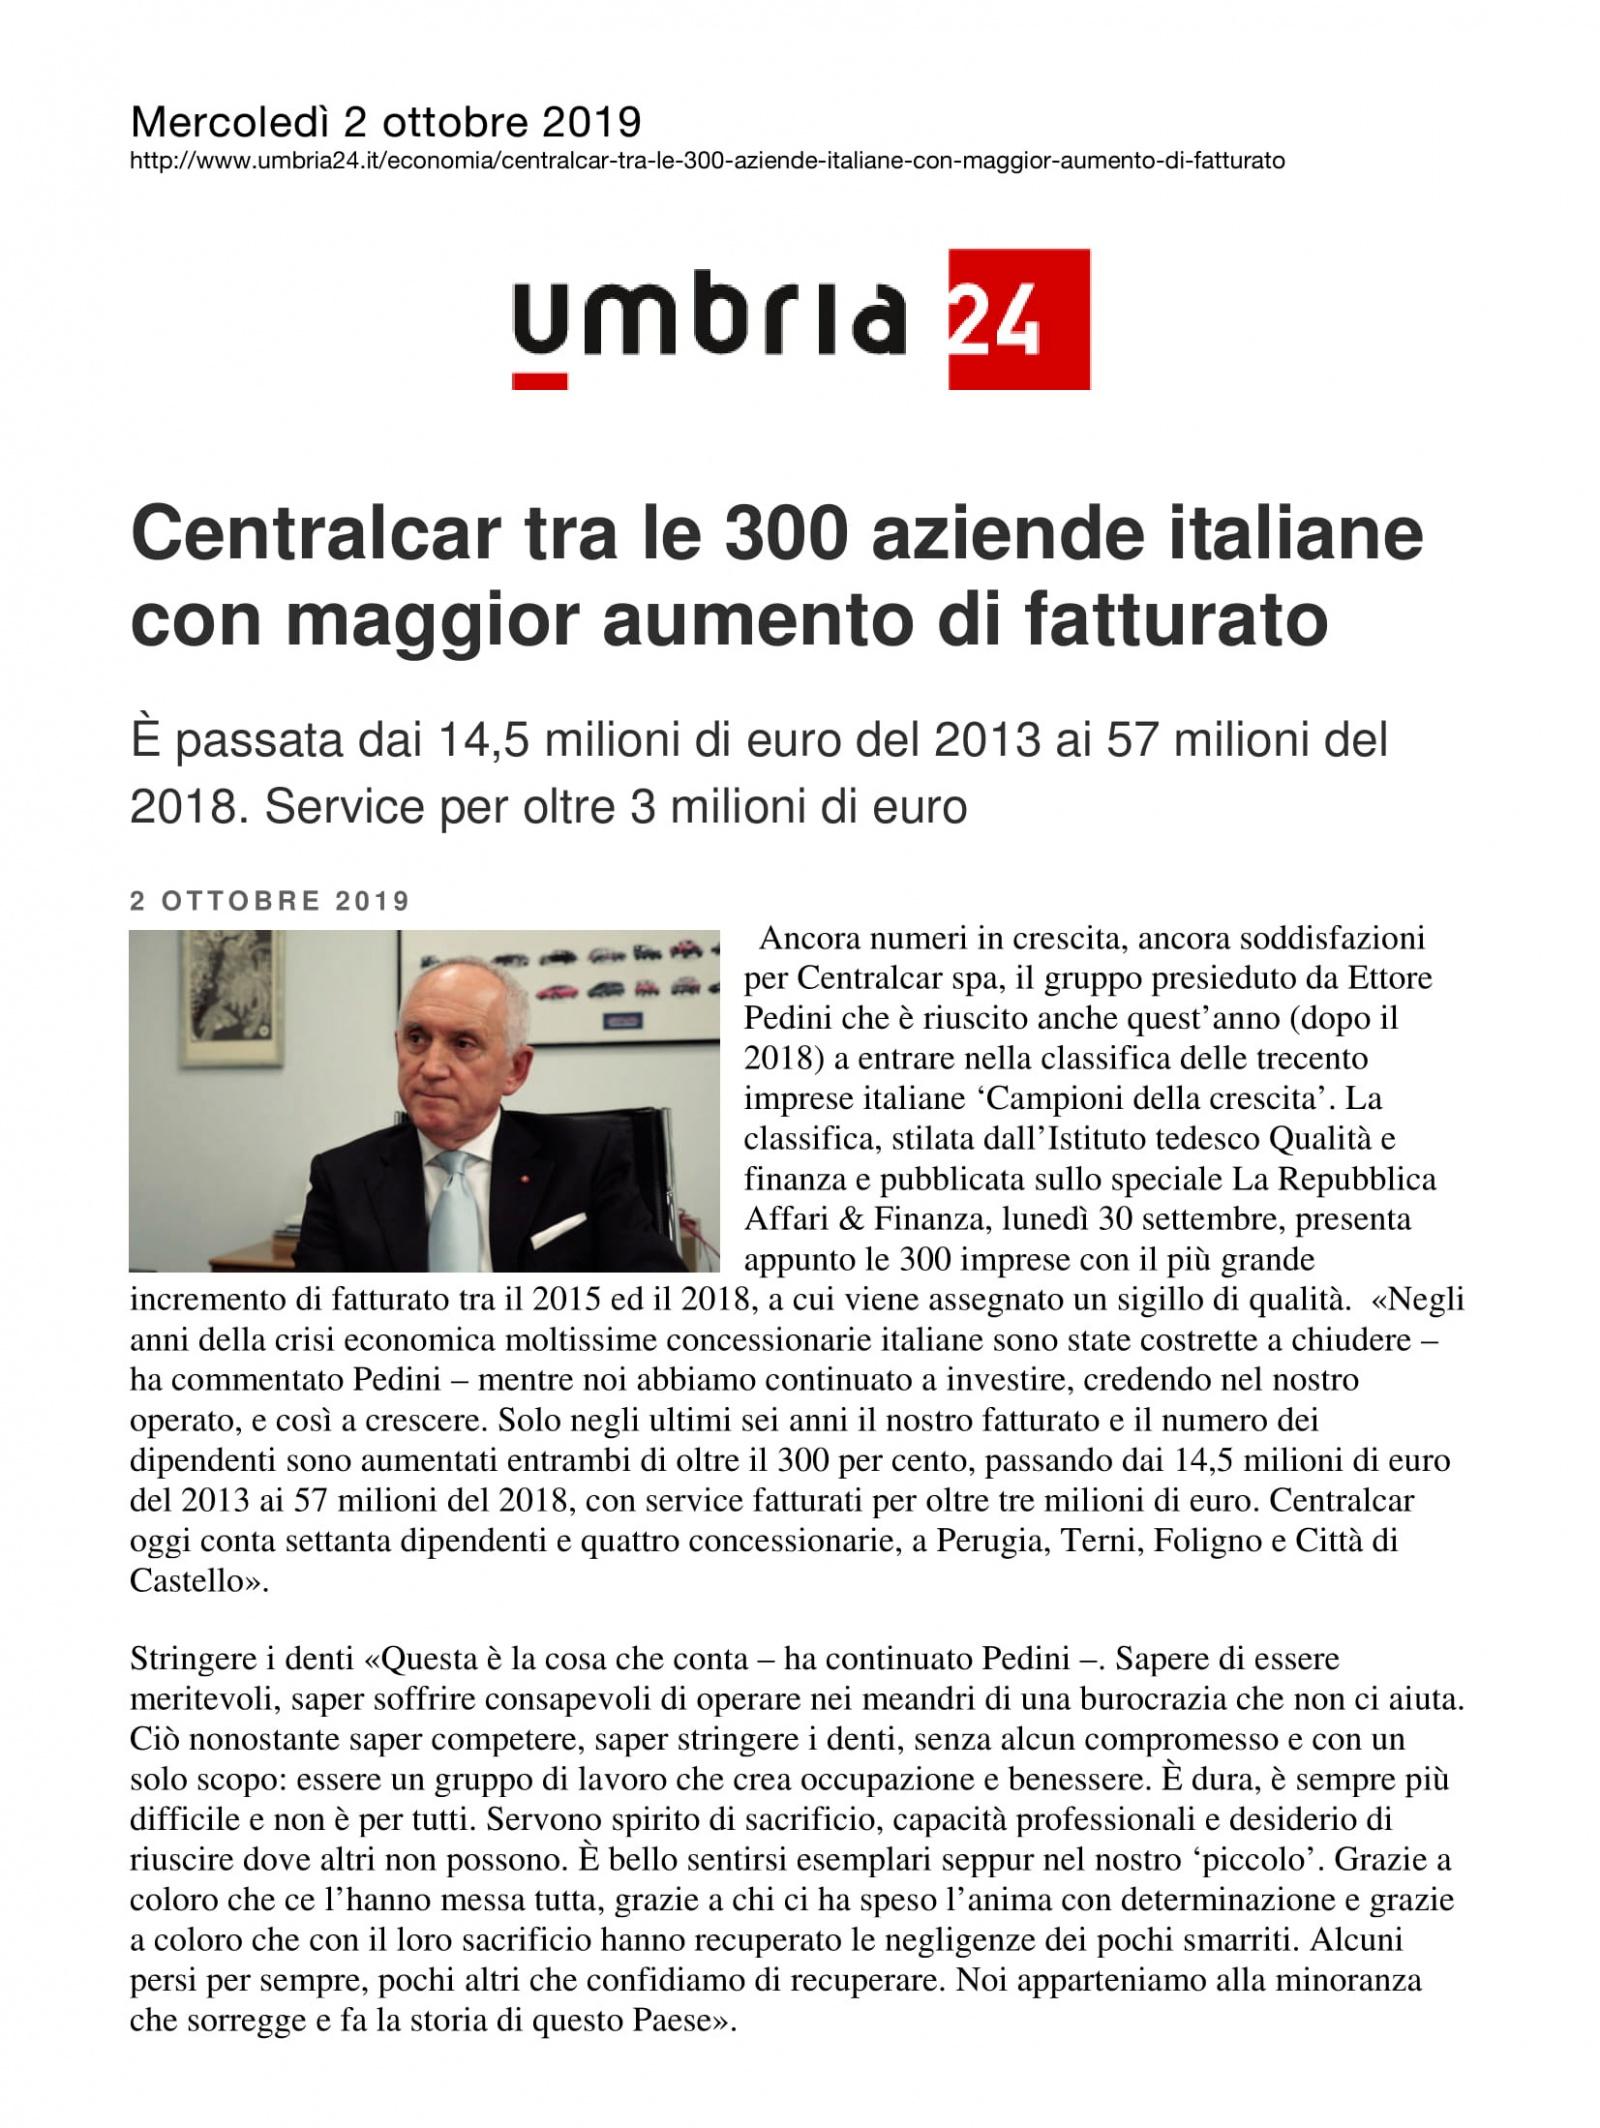 Centralcar tra le 300 aziende italiane con maggior aumento di fatturato